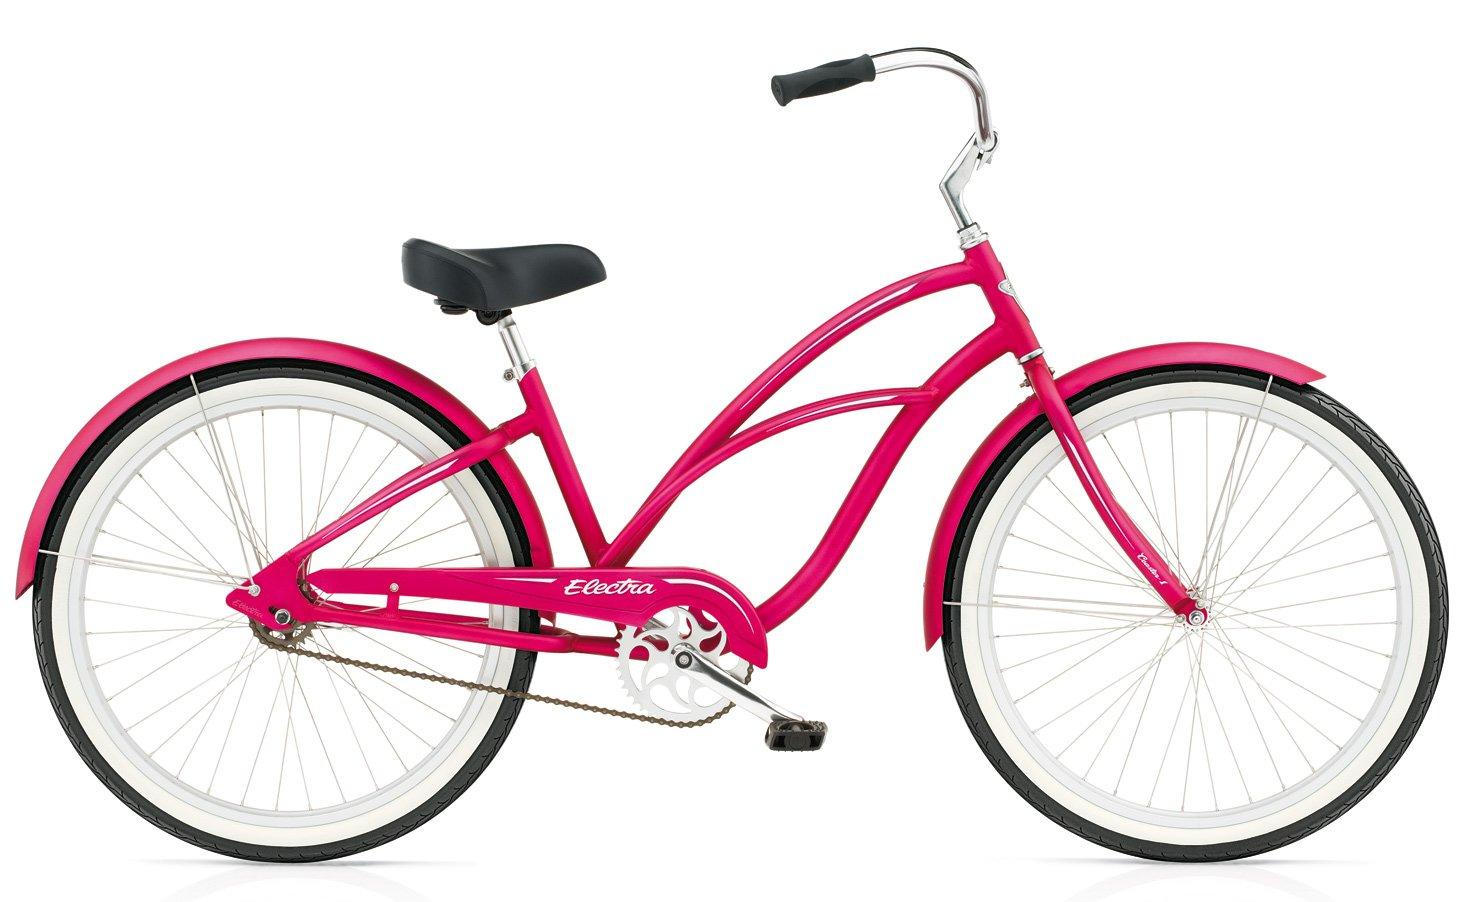 Bicicleta rosa para mujer 26pulgadas tamaño rueda